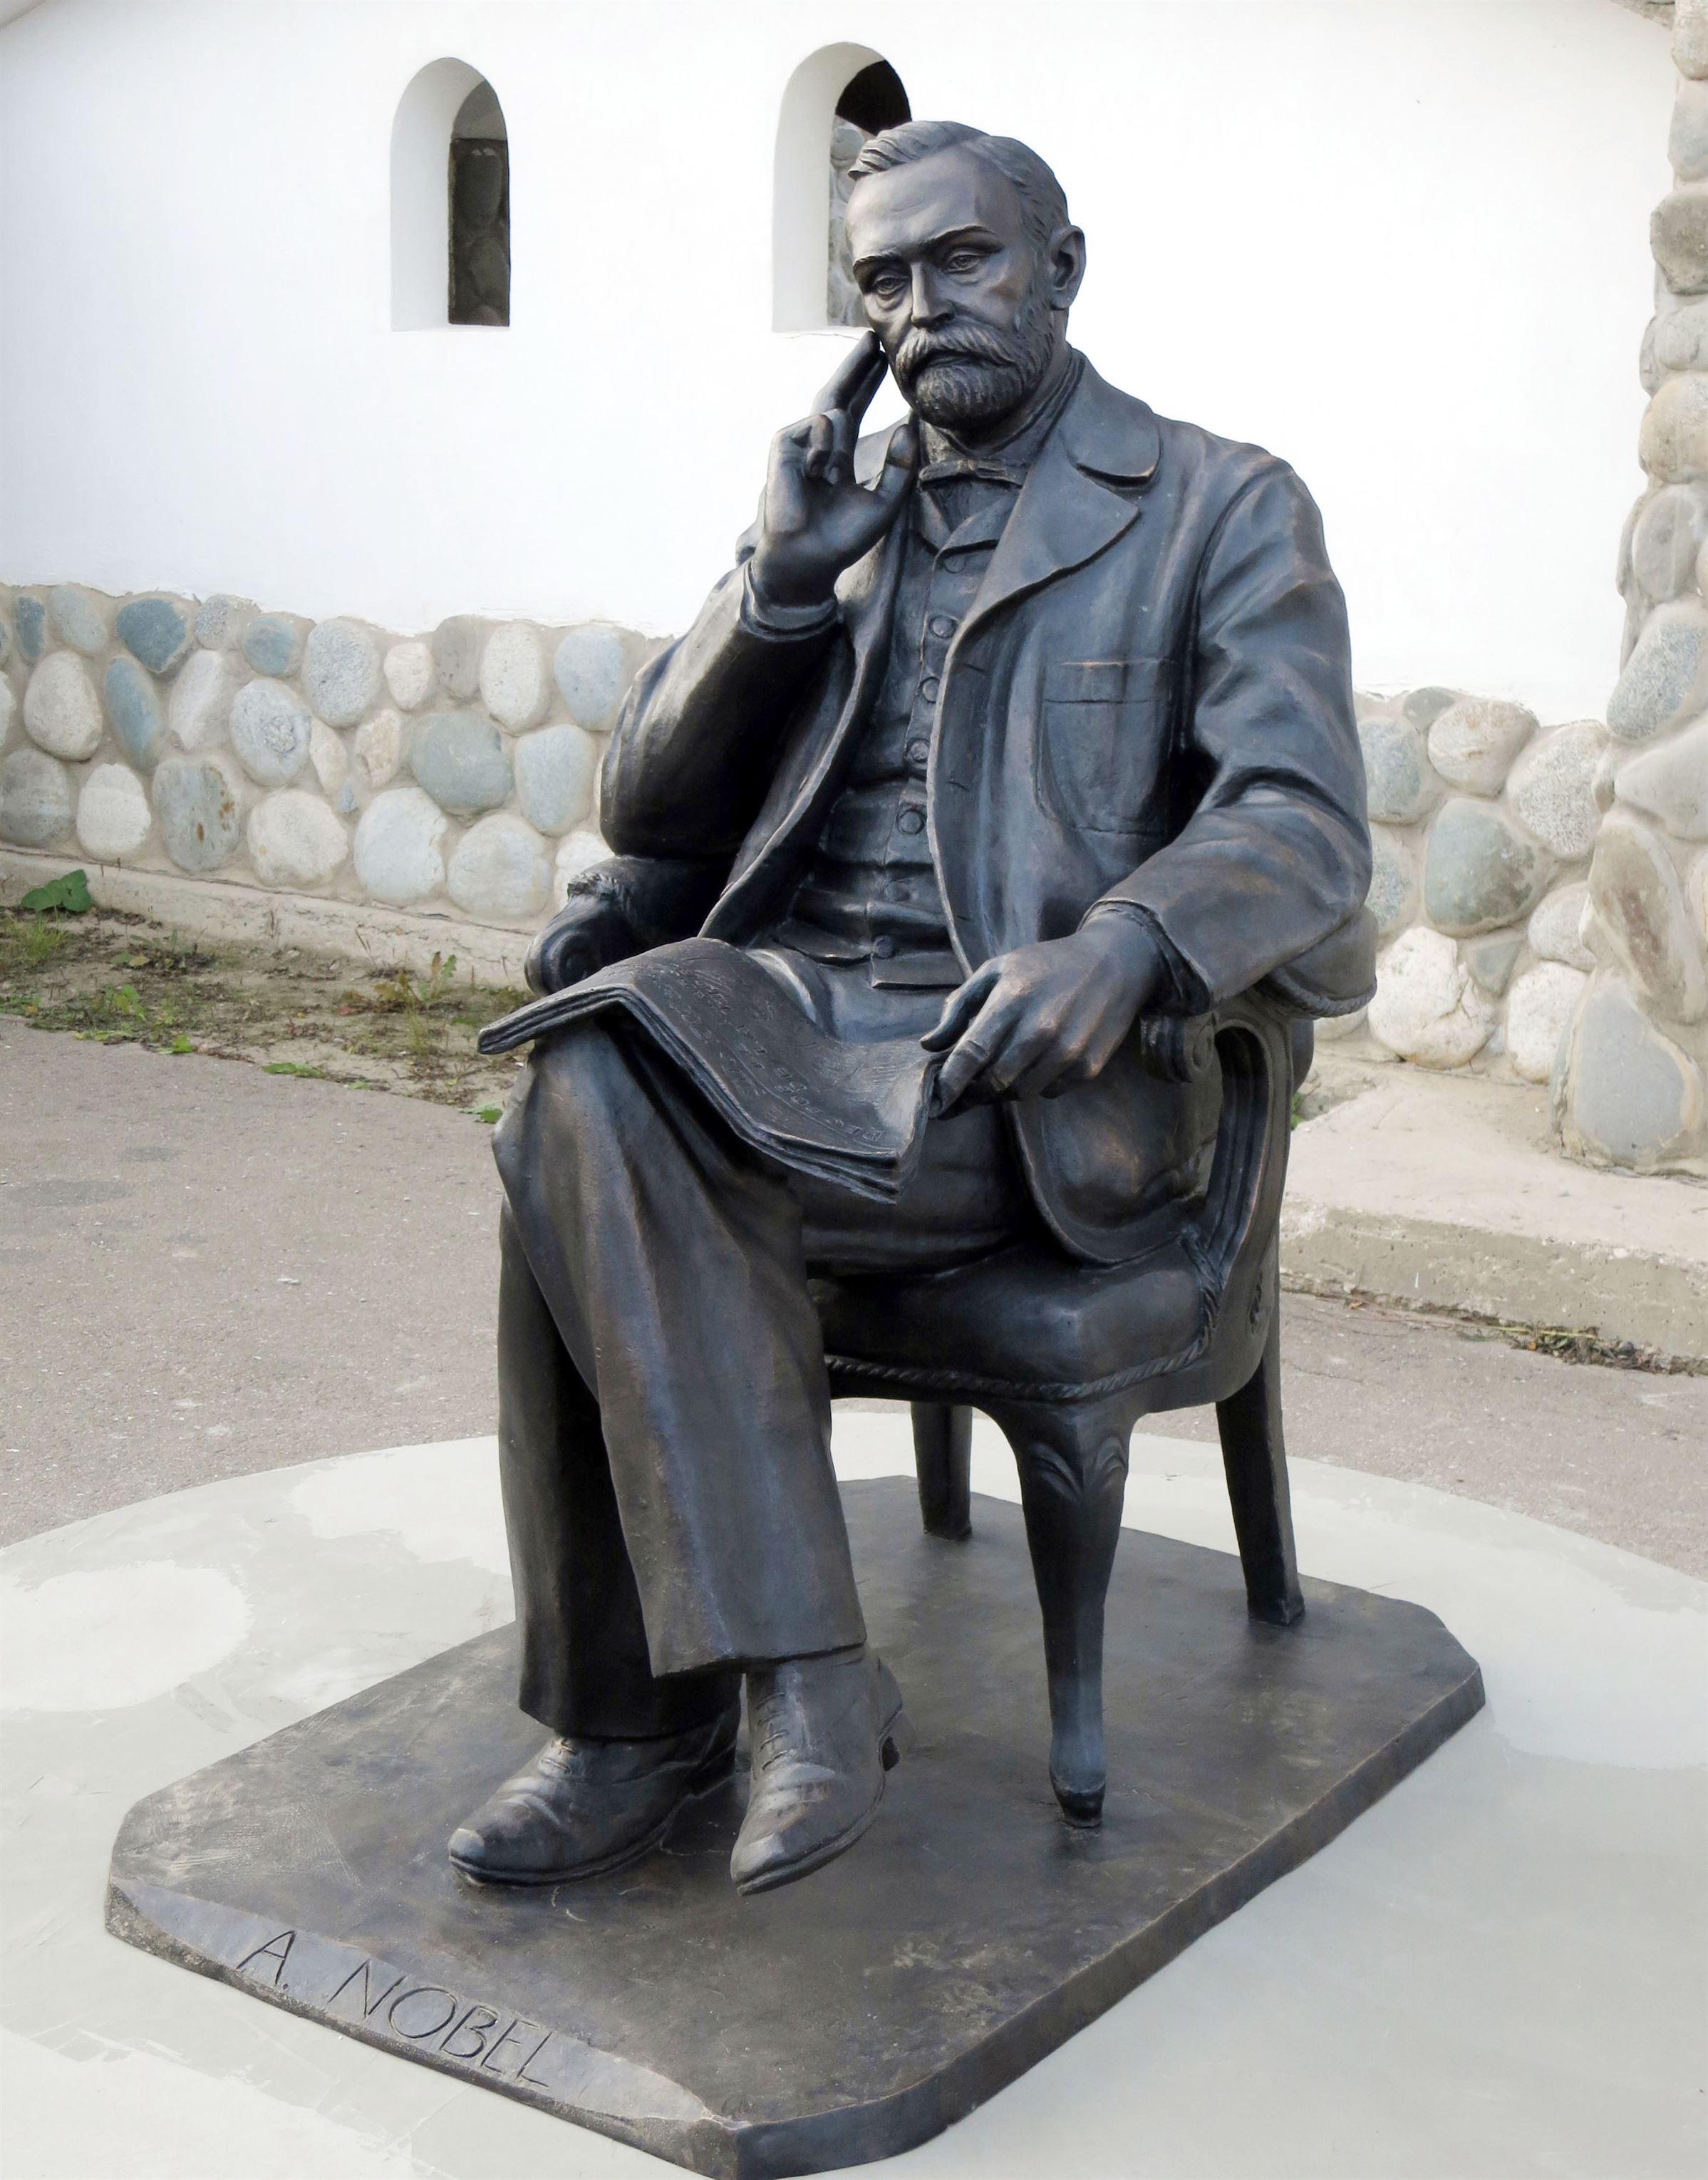 Памятник Альфреду Нобелю на территории Культурно-образовательного центра «ЭТНОМИР». - 17 2